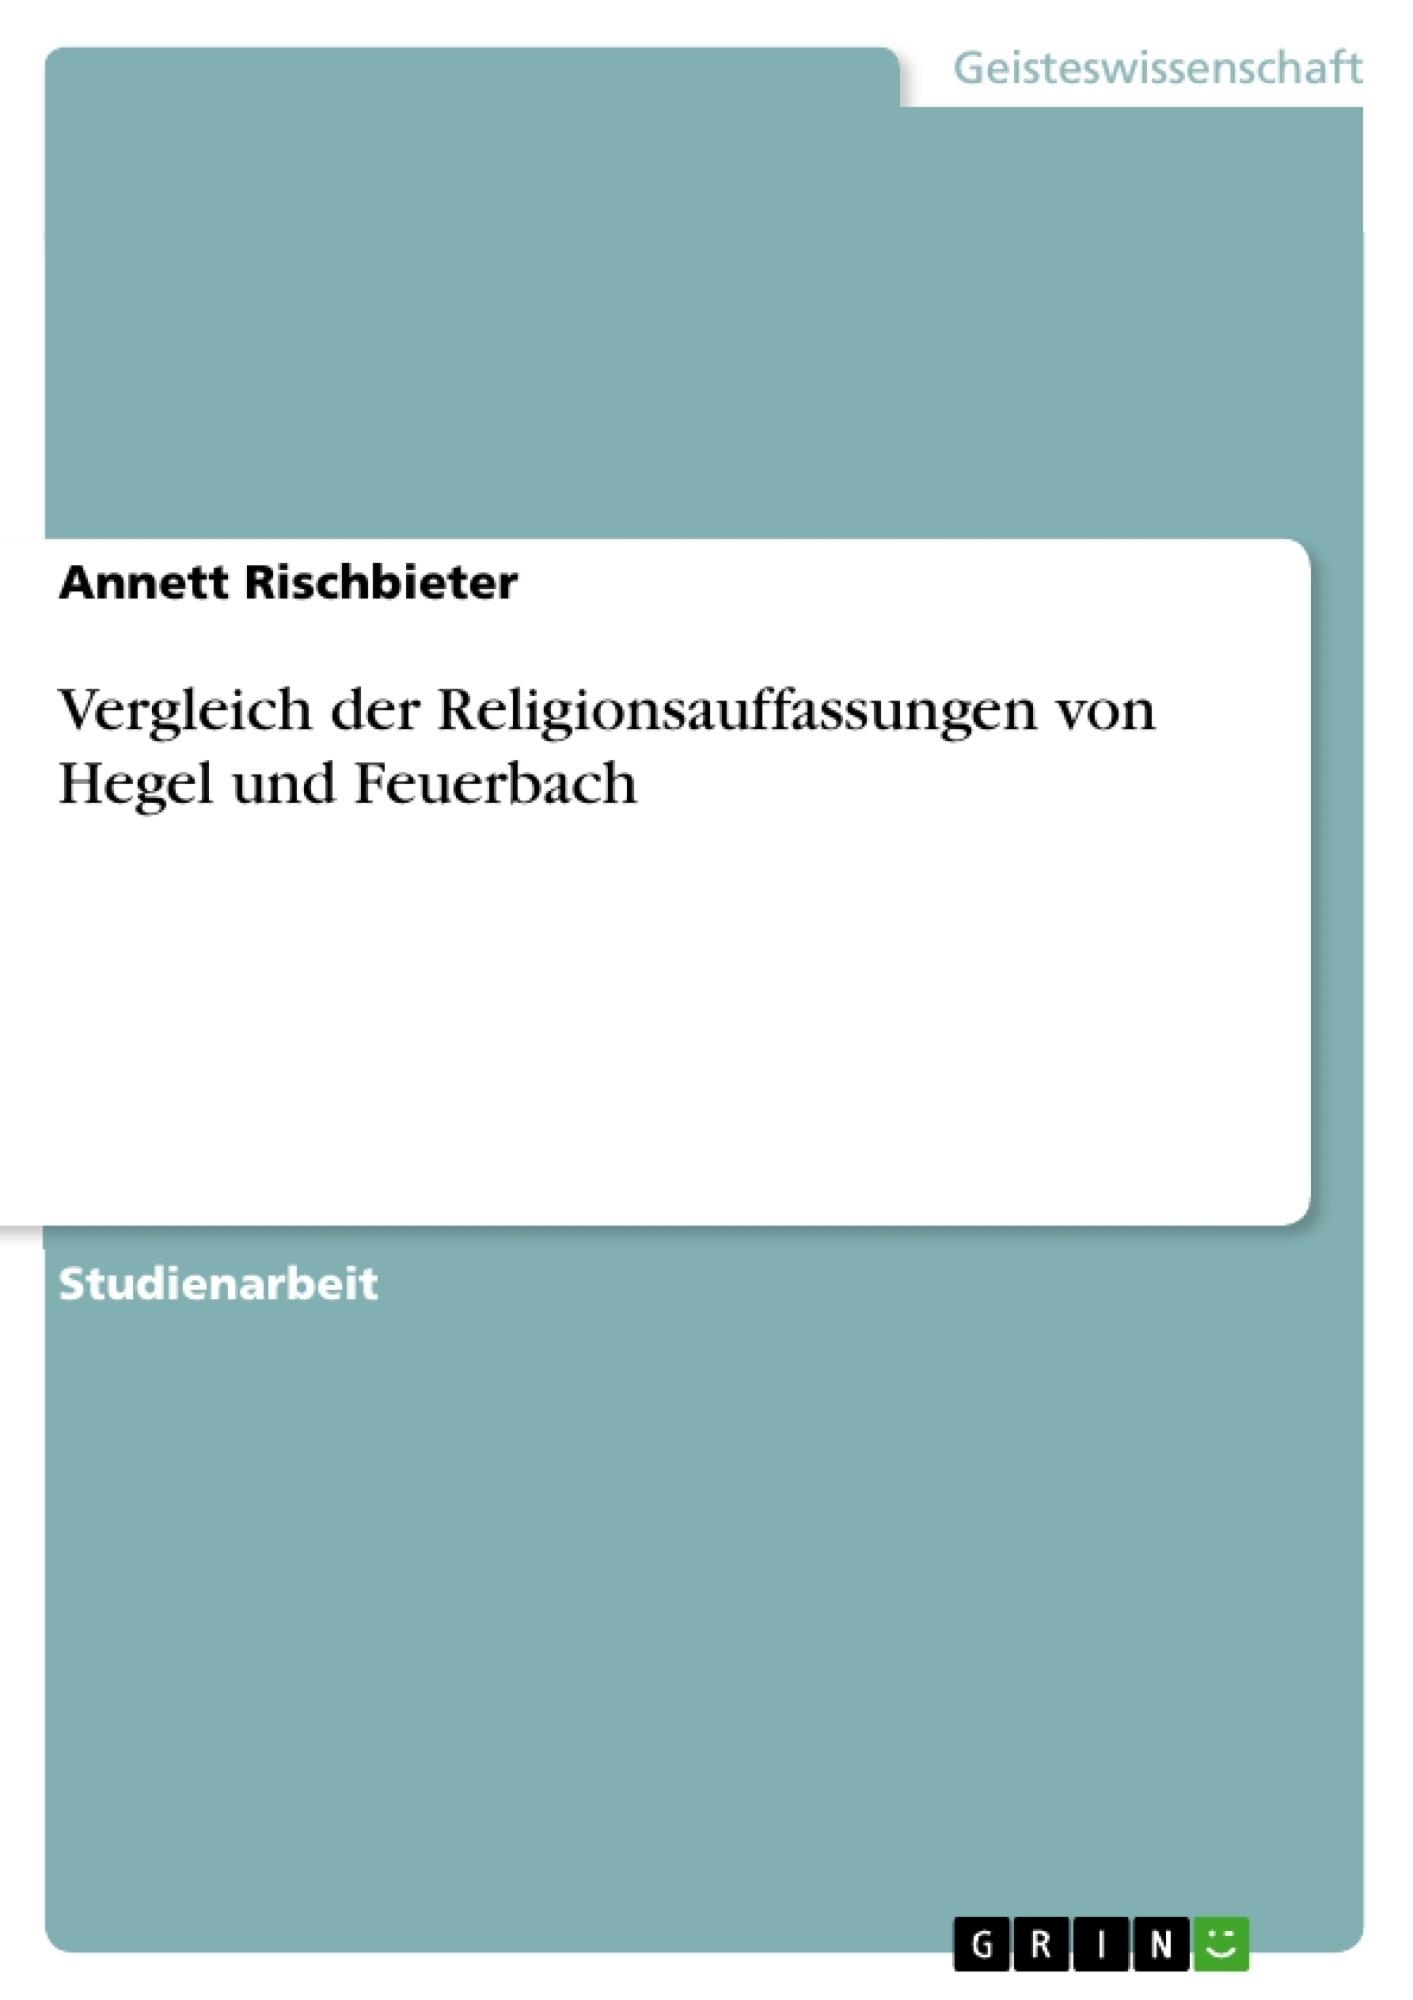 Titel: Vergleich der Religionsauffassungen von Hegel und Feuerbach